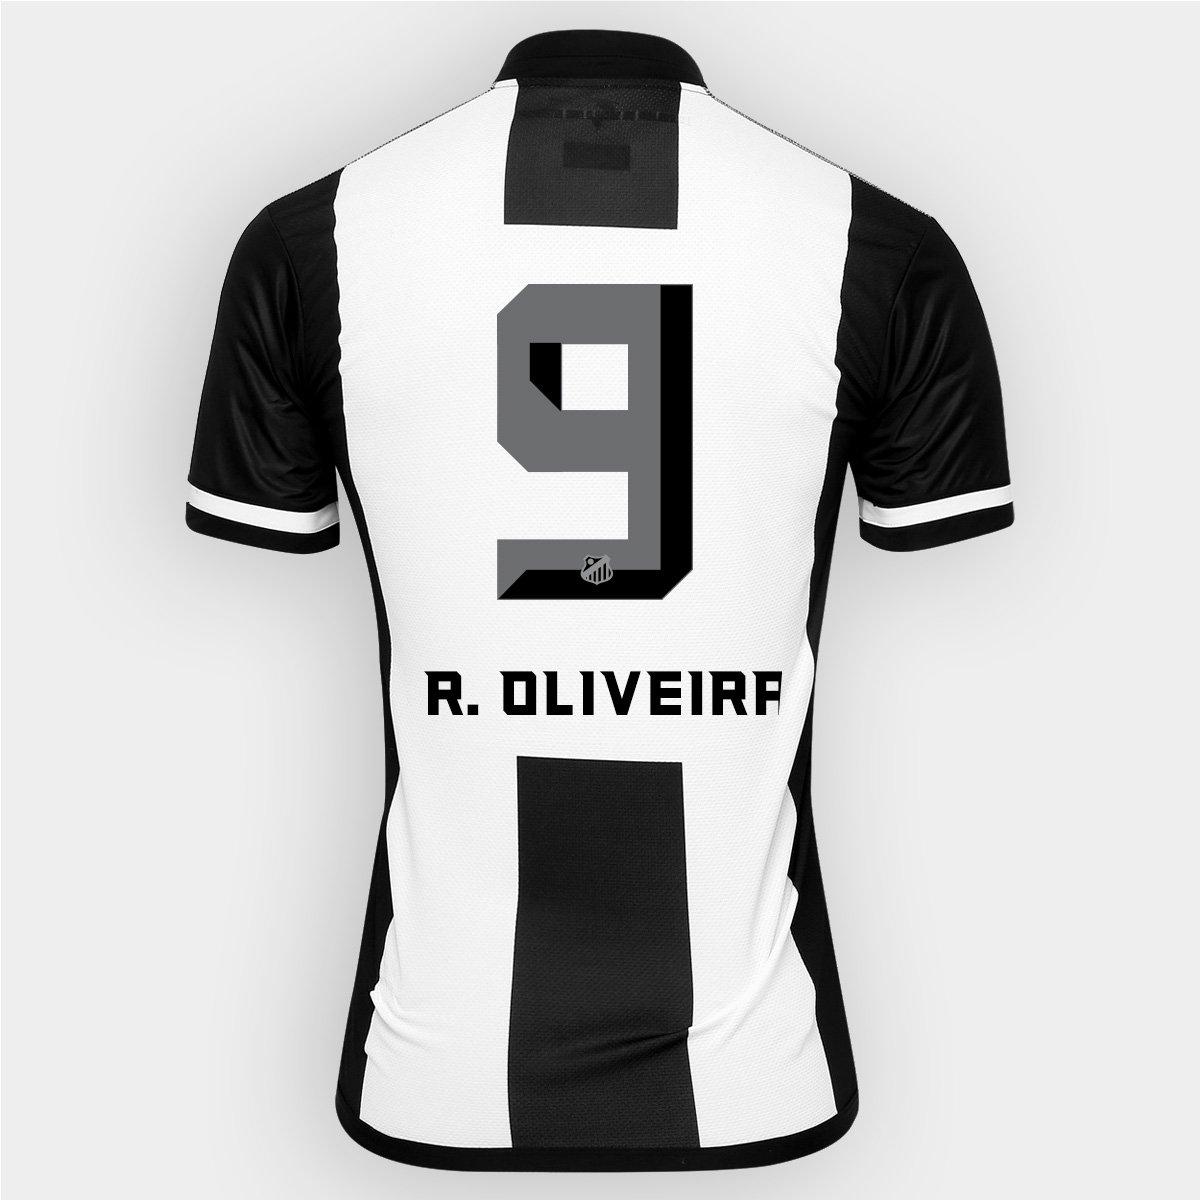 12bfc881ebf5e Camisa Kappa Santos II 2016 nº 9 - R. Oliveira - Compre Agora